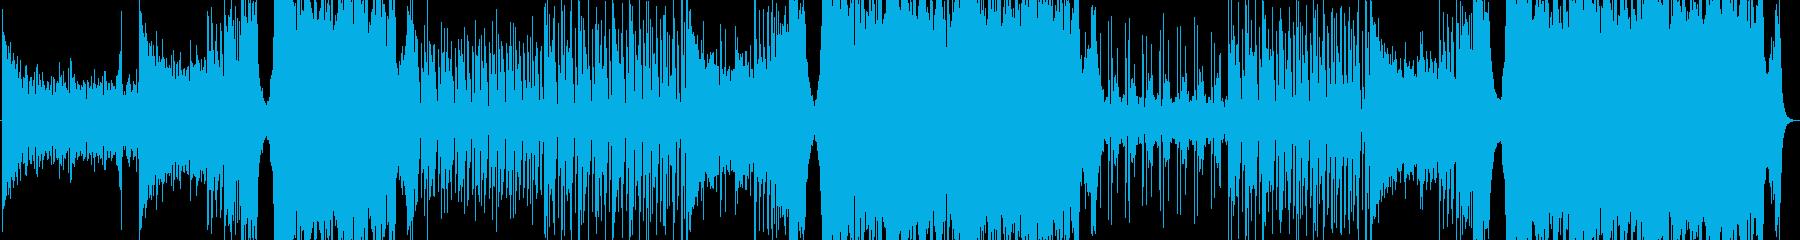 最新EDMHouseテンション上がる曲の再生済みの波形